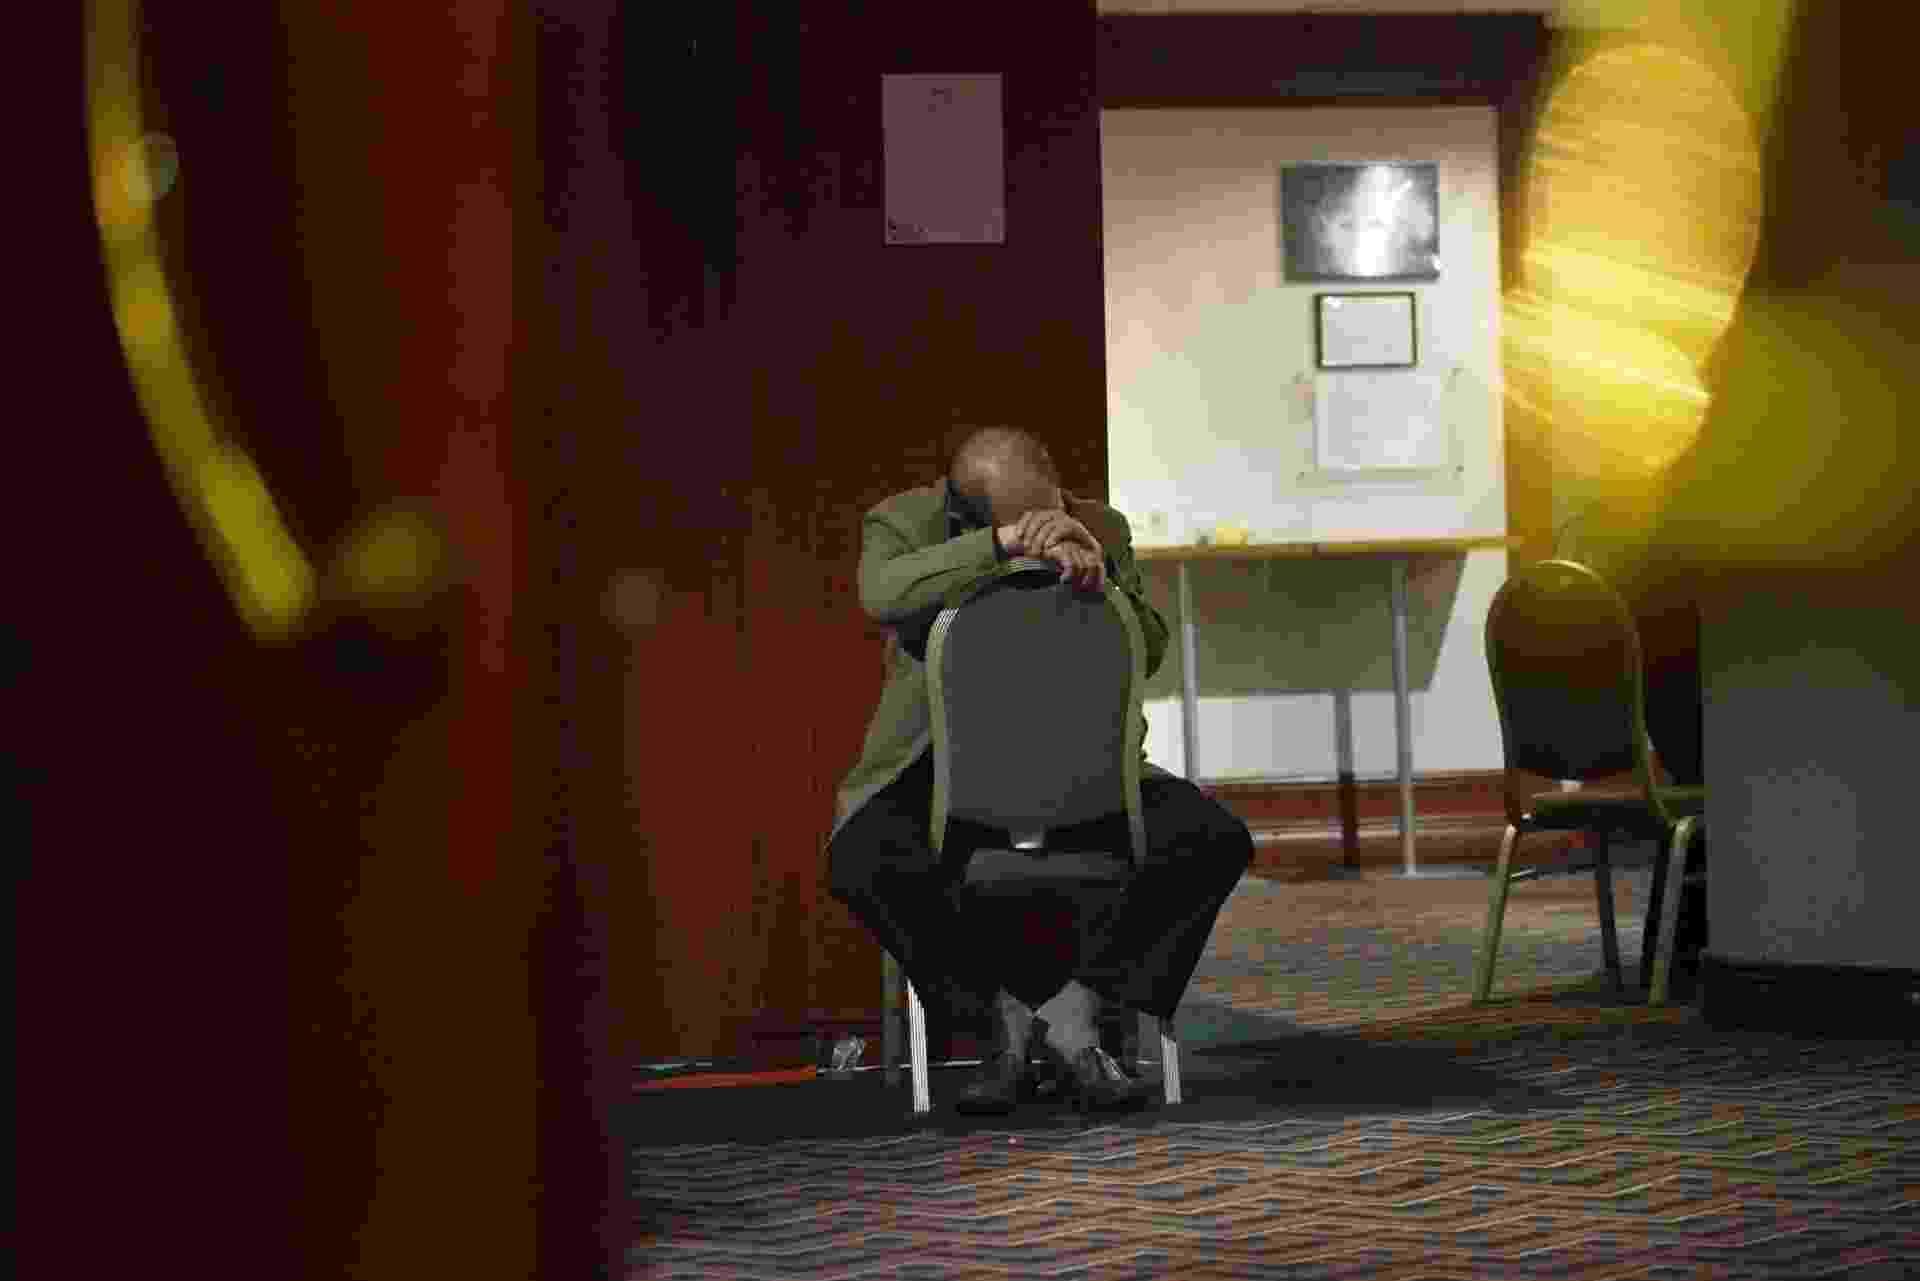 15.mar.2014 - Parente de um dos desaparecidos com o voo da Malaysia Airlines aguarda informações em um hotel em Pequim - Wang Zhao Org/AFP